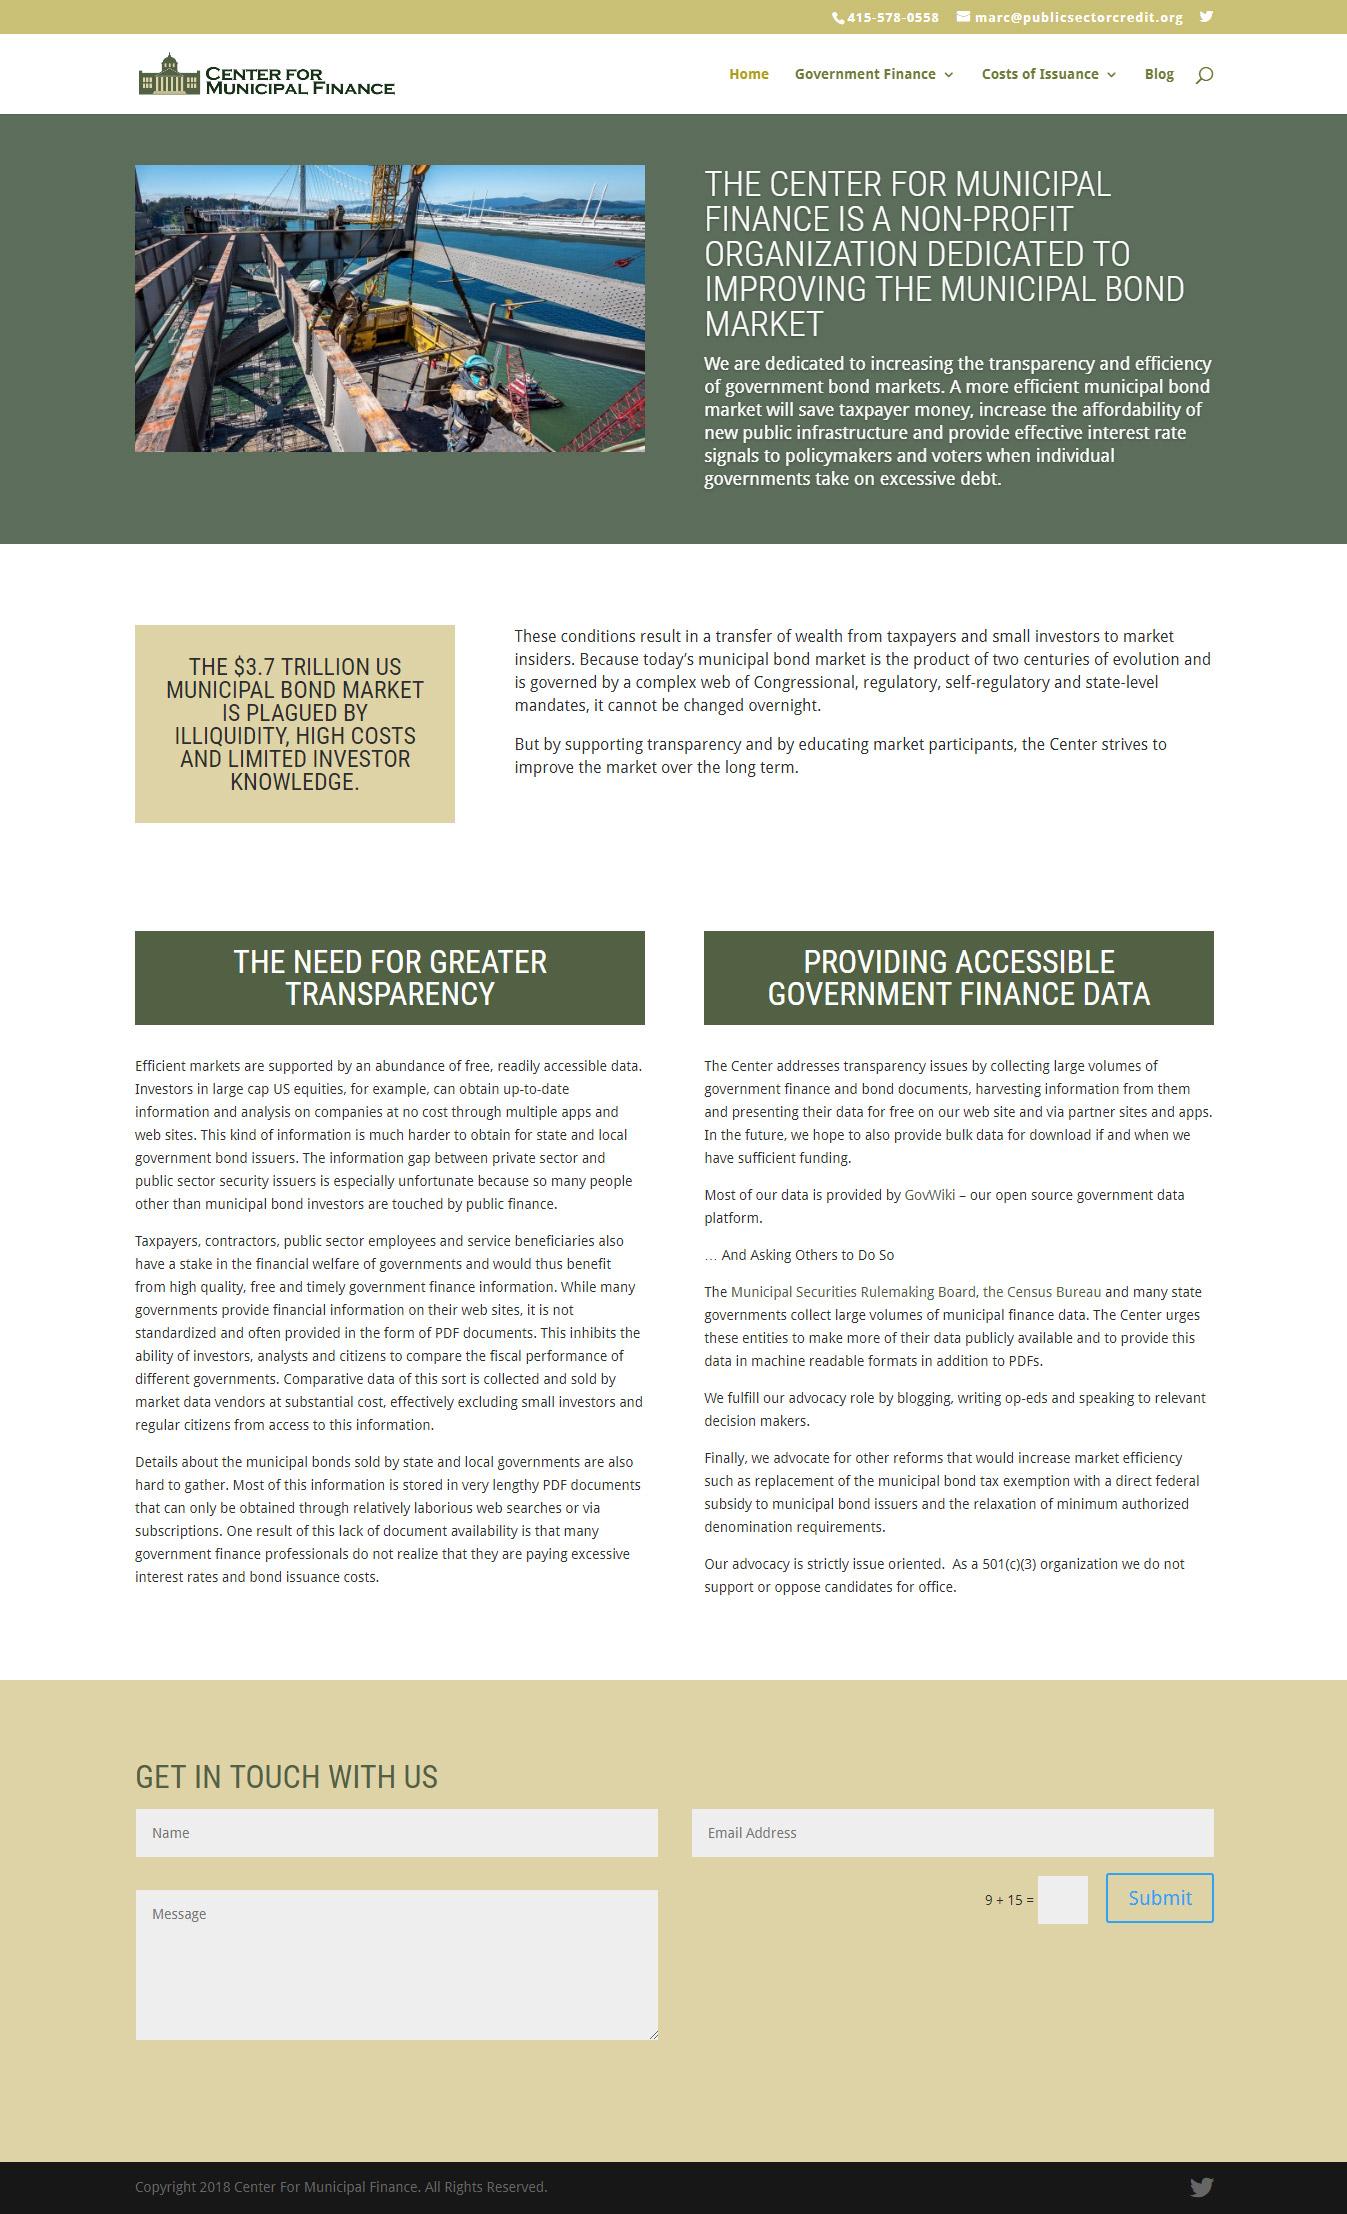 Responsive Website Design in WordPress